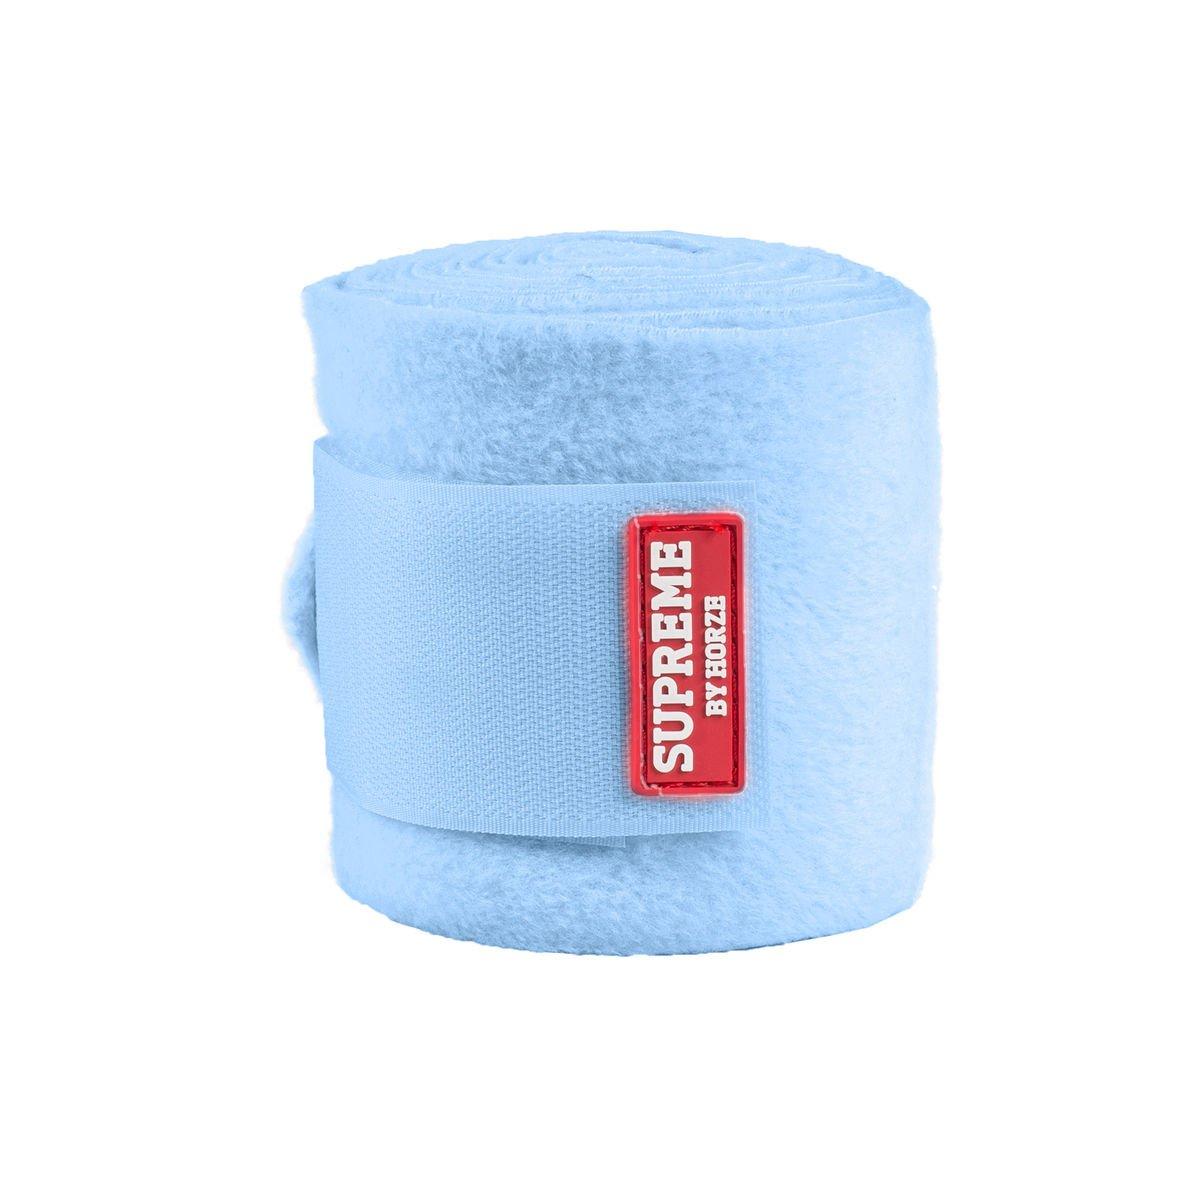 HORZE Polo Anti Pilling Fleece Bandages, Light Blue by HORZE